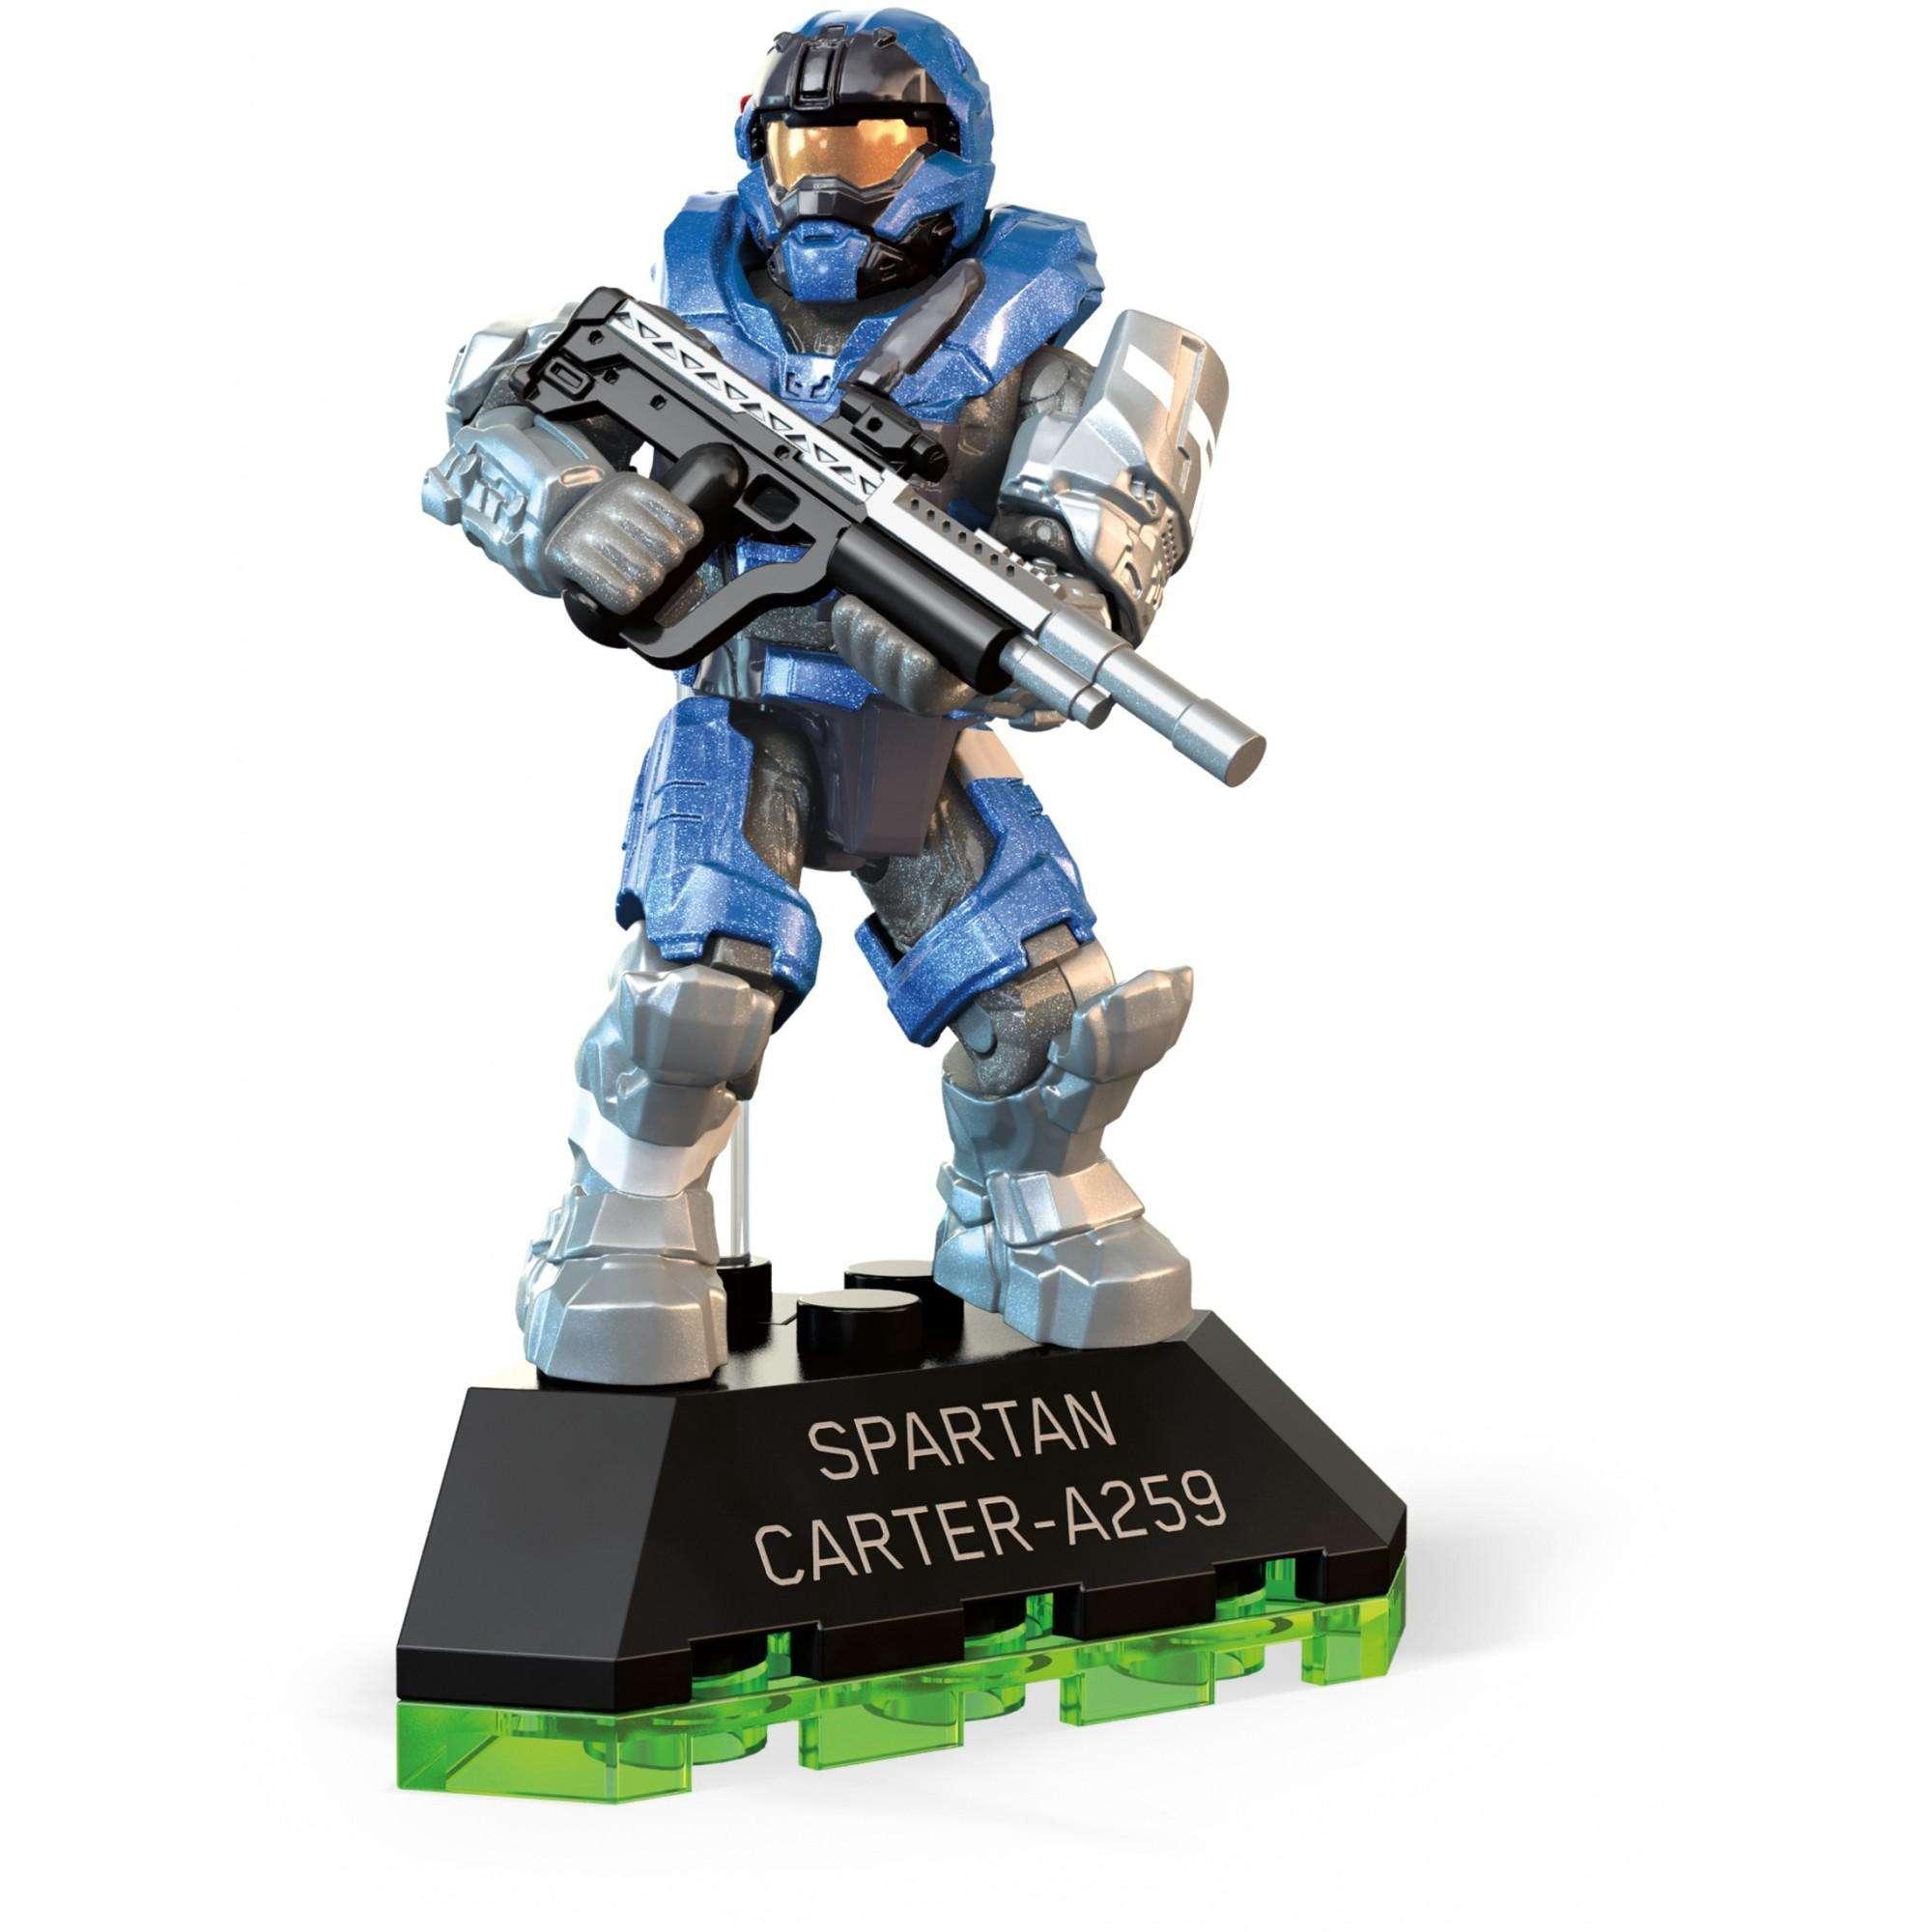 Mega Construx Halo Spartan Carter-a259